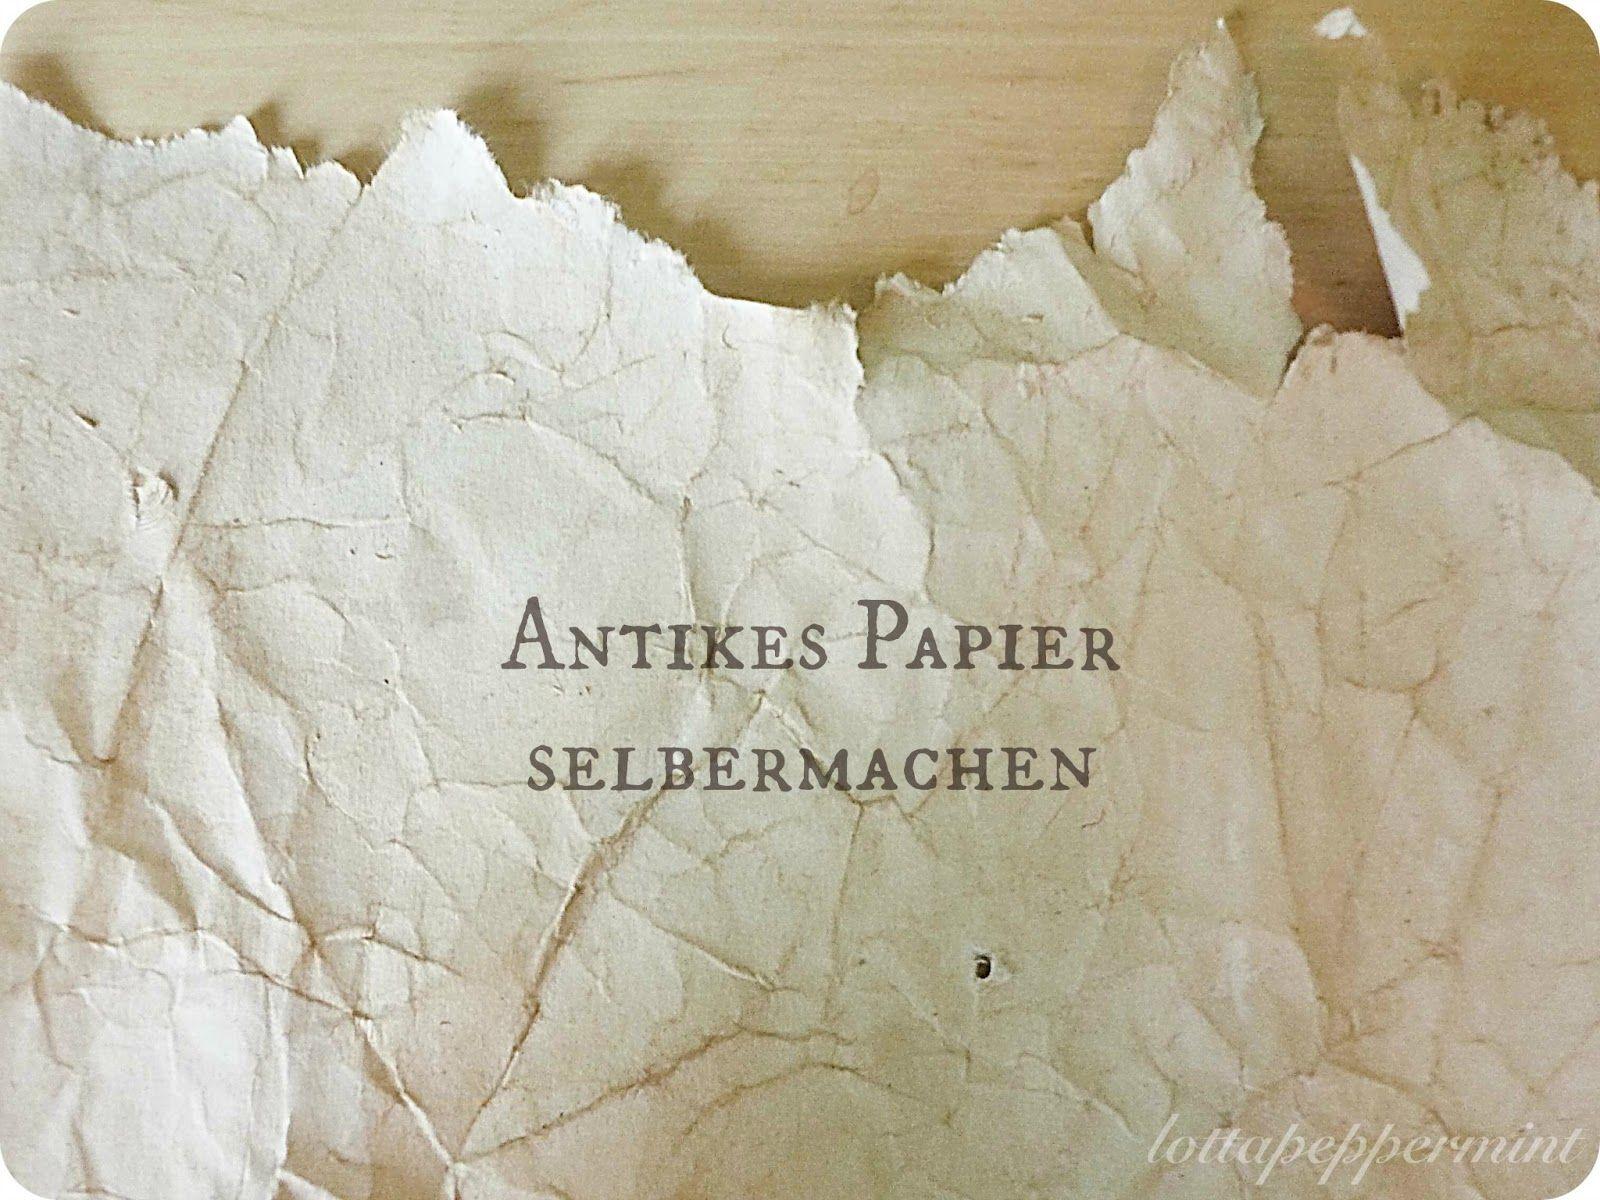 antikes papier selber machen - für kräuterkunde-mitschriften, briefe